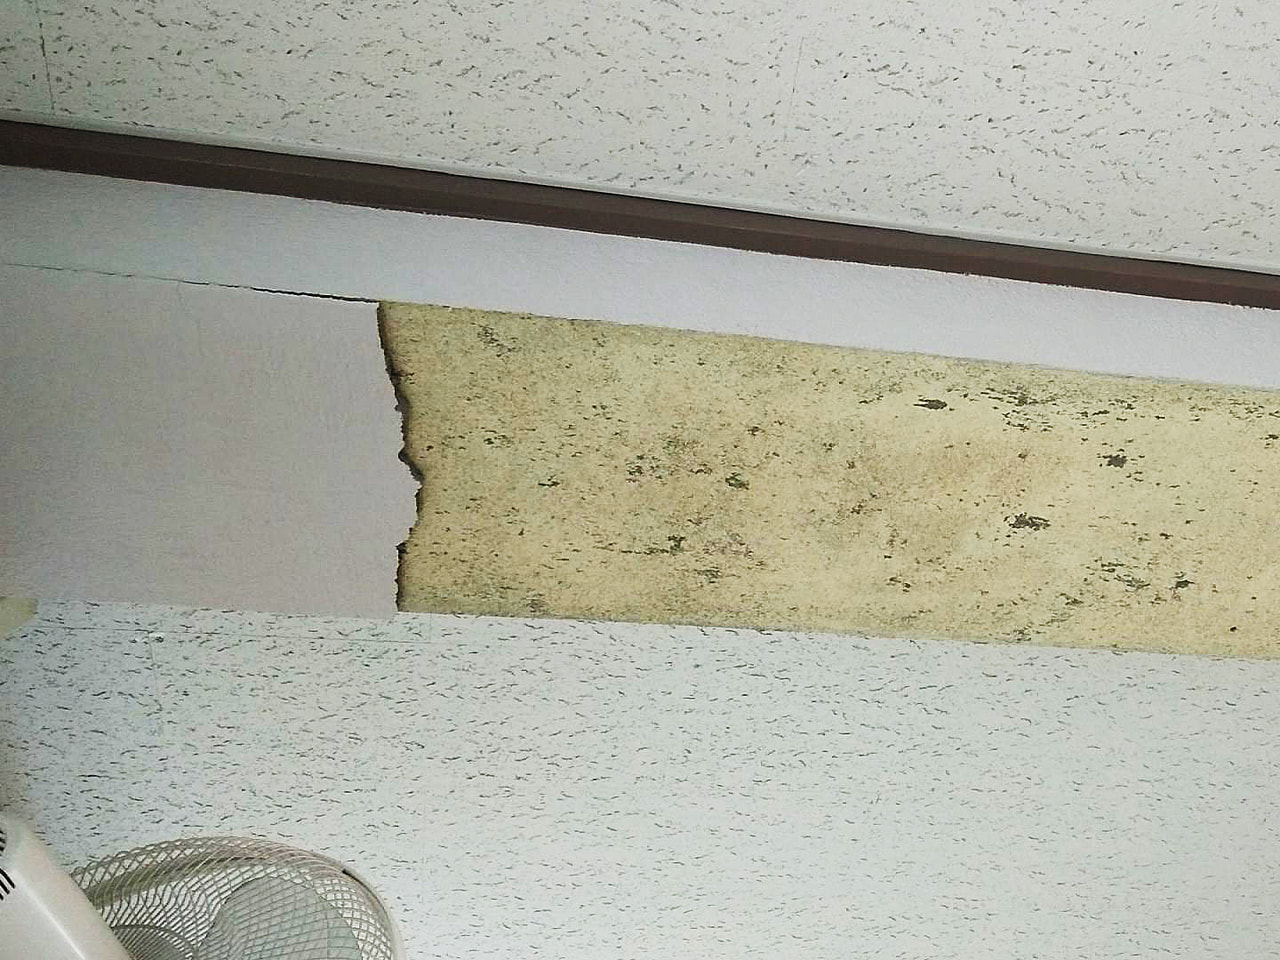 (写真は岐阜市教育委員会提供) 2日、教室の天井からモルタルがはがれ落ちた岐阜市...